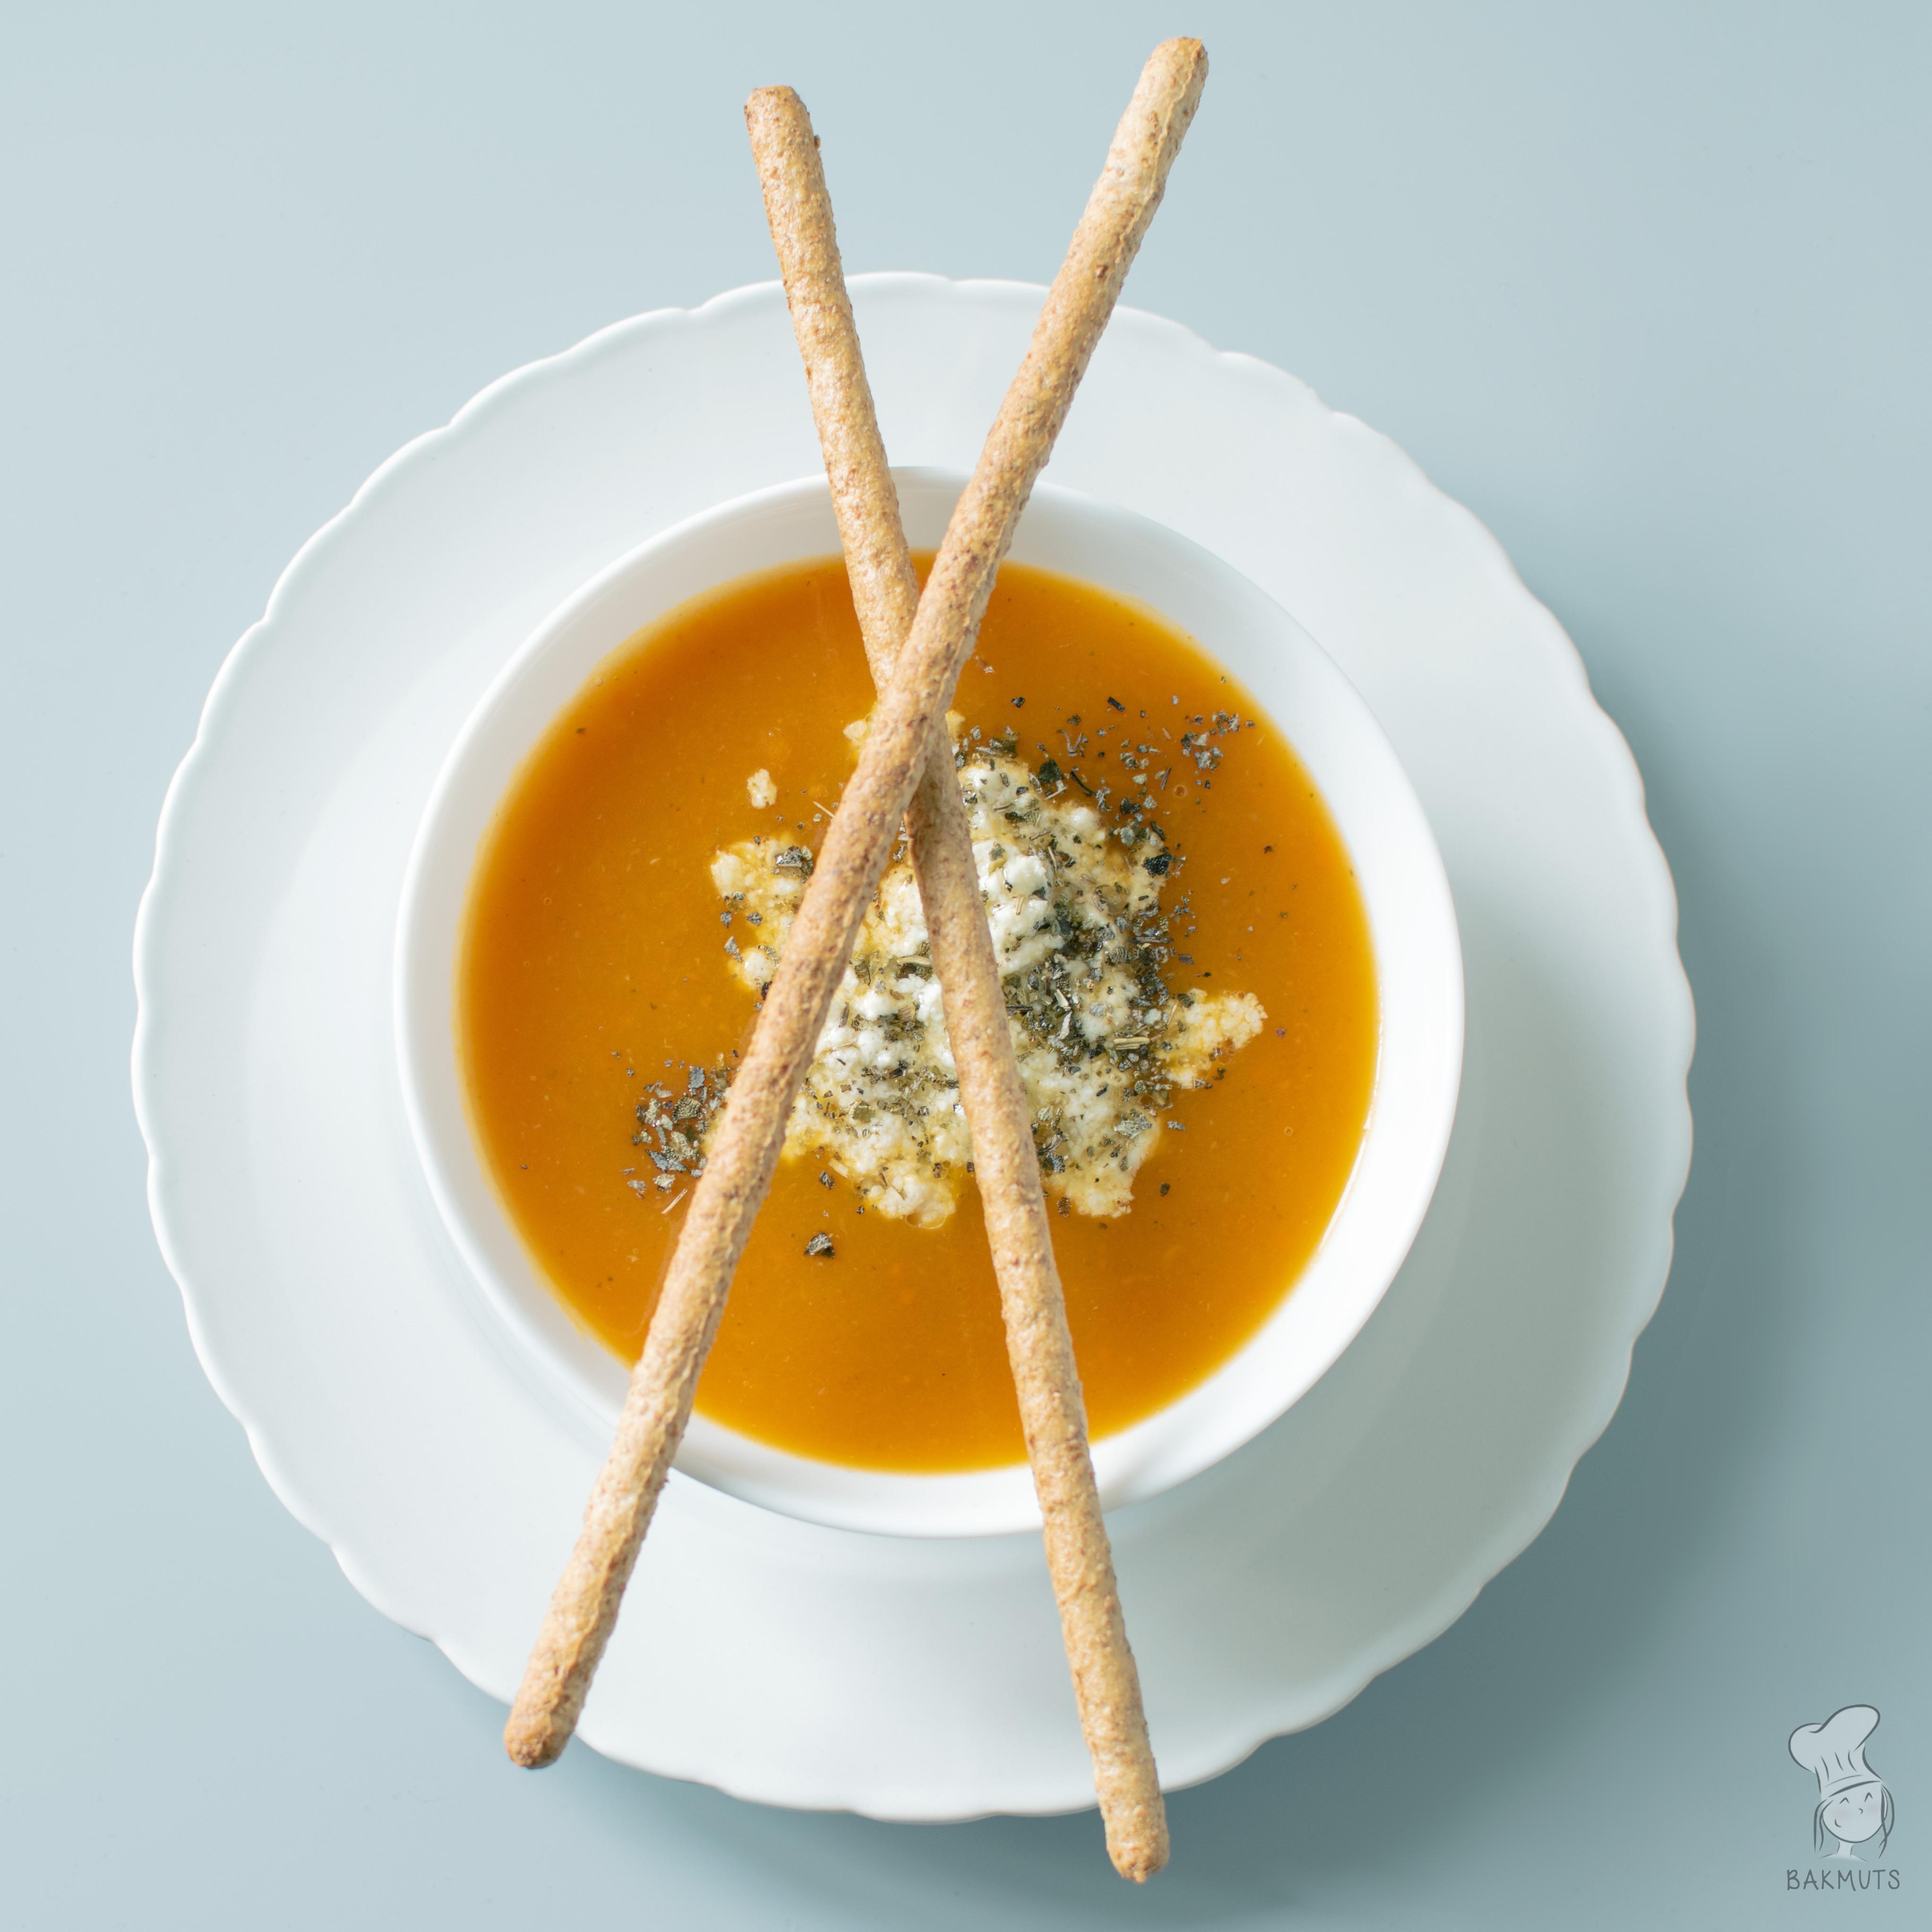 pompoensoep met rode linzen recept bakmuts